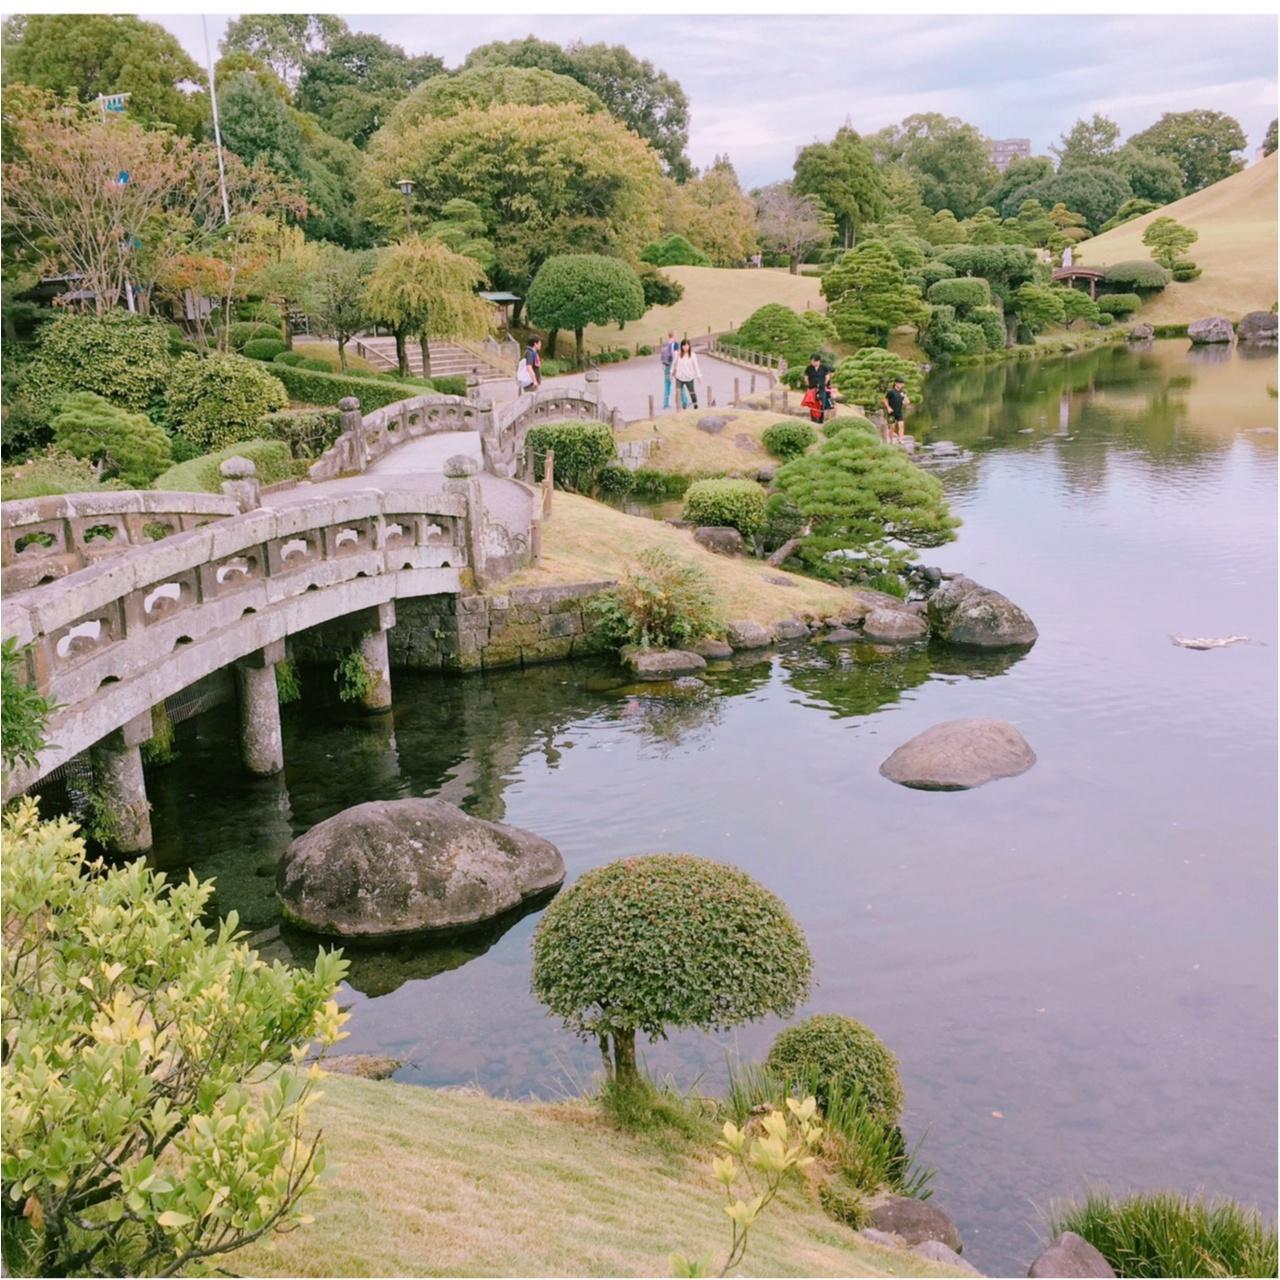 【動画で紹介!】熊本市内に発見! SNS映えする美しい庭園「水前寺成趣園」でリフレッシュ!【#モアチャレ 熊本の魅力発信!】_1